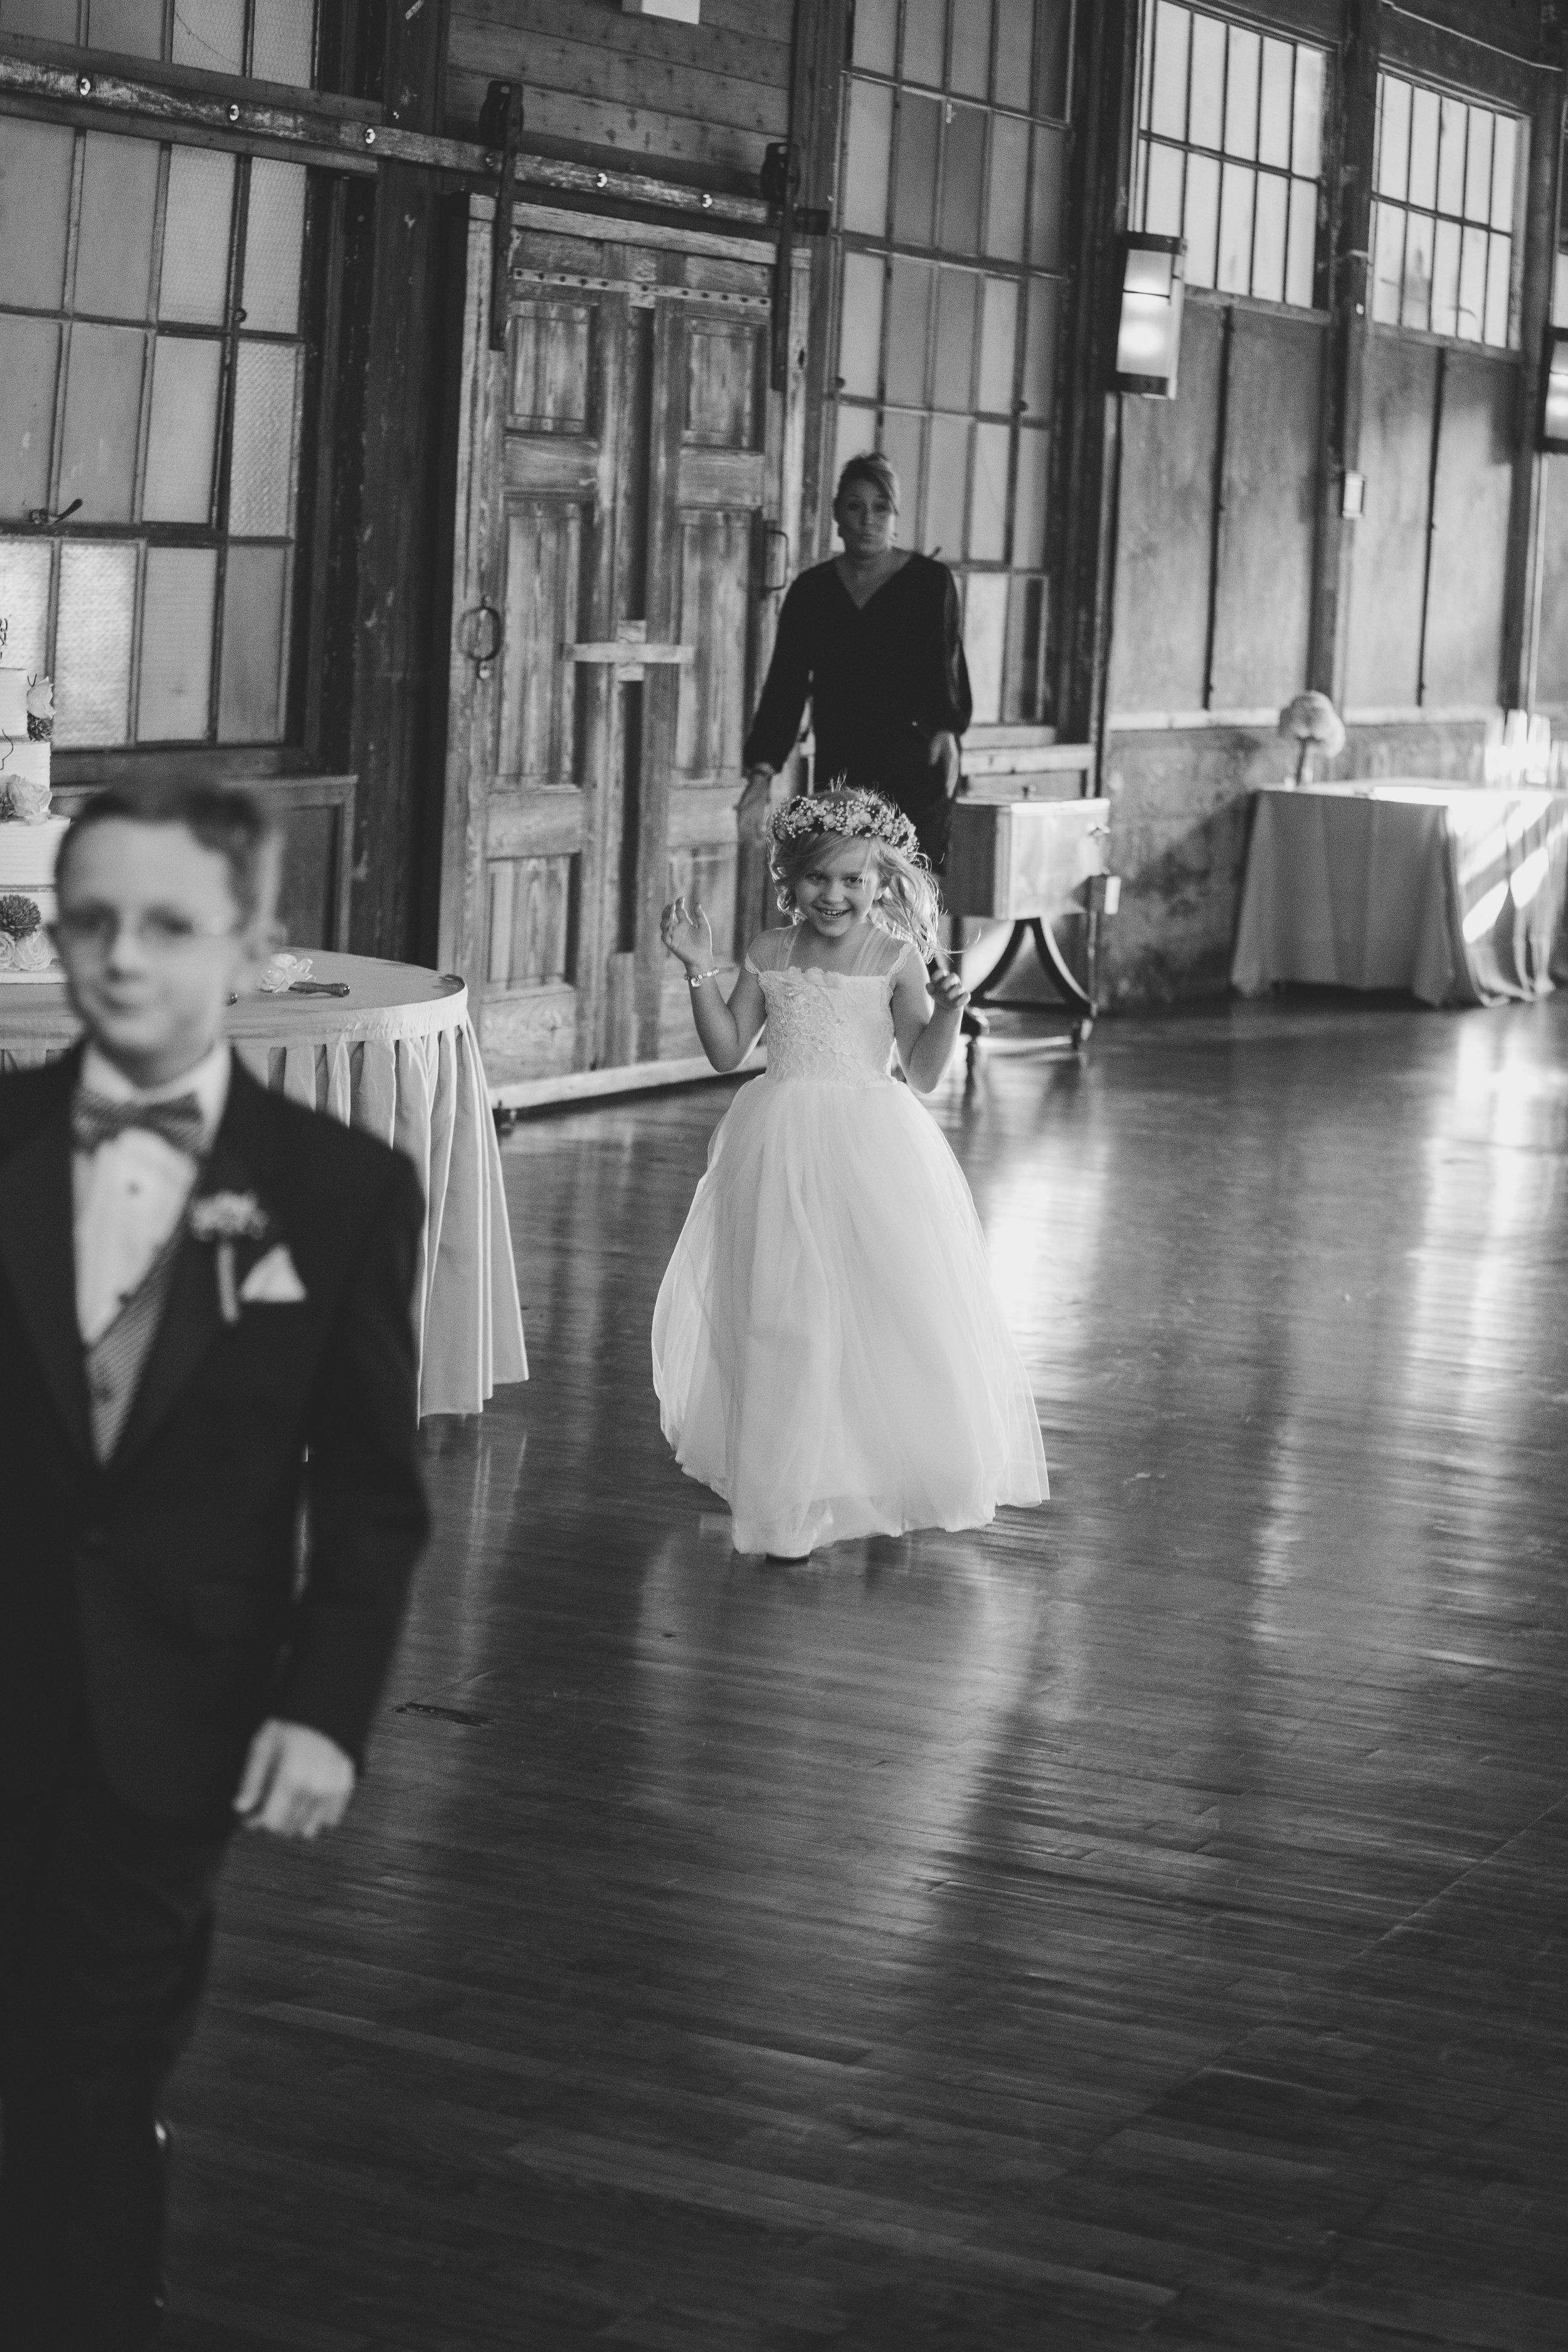 ATGI_Magali & Josh Wedding1__87.jpg